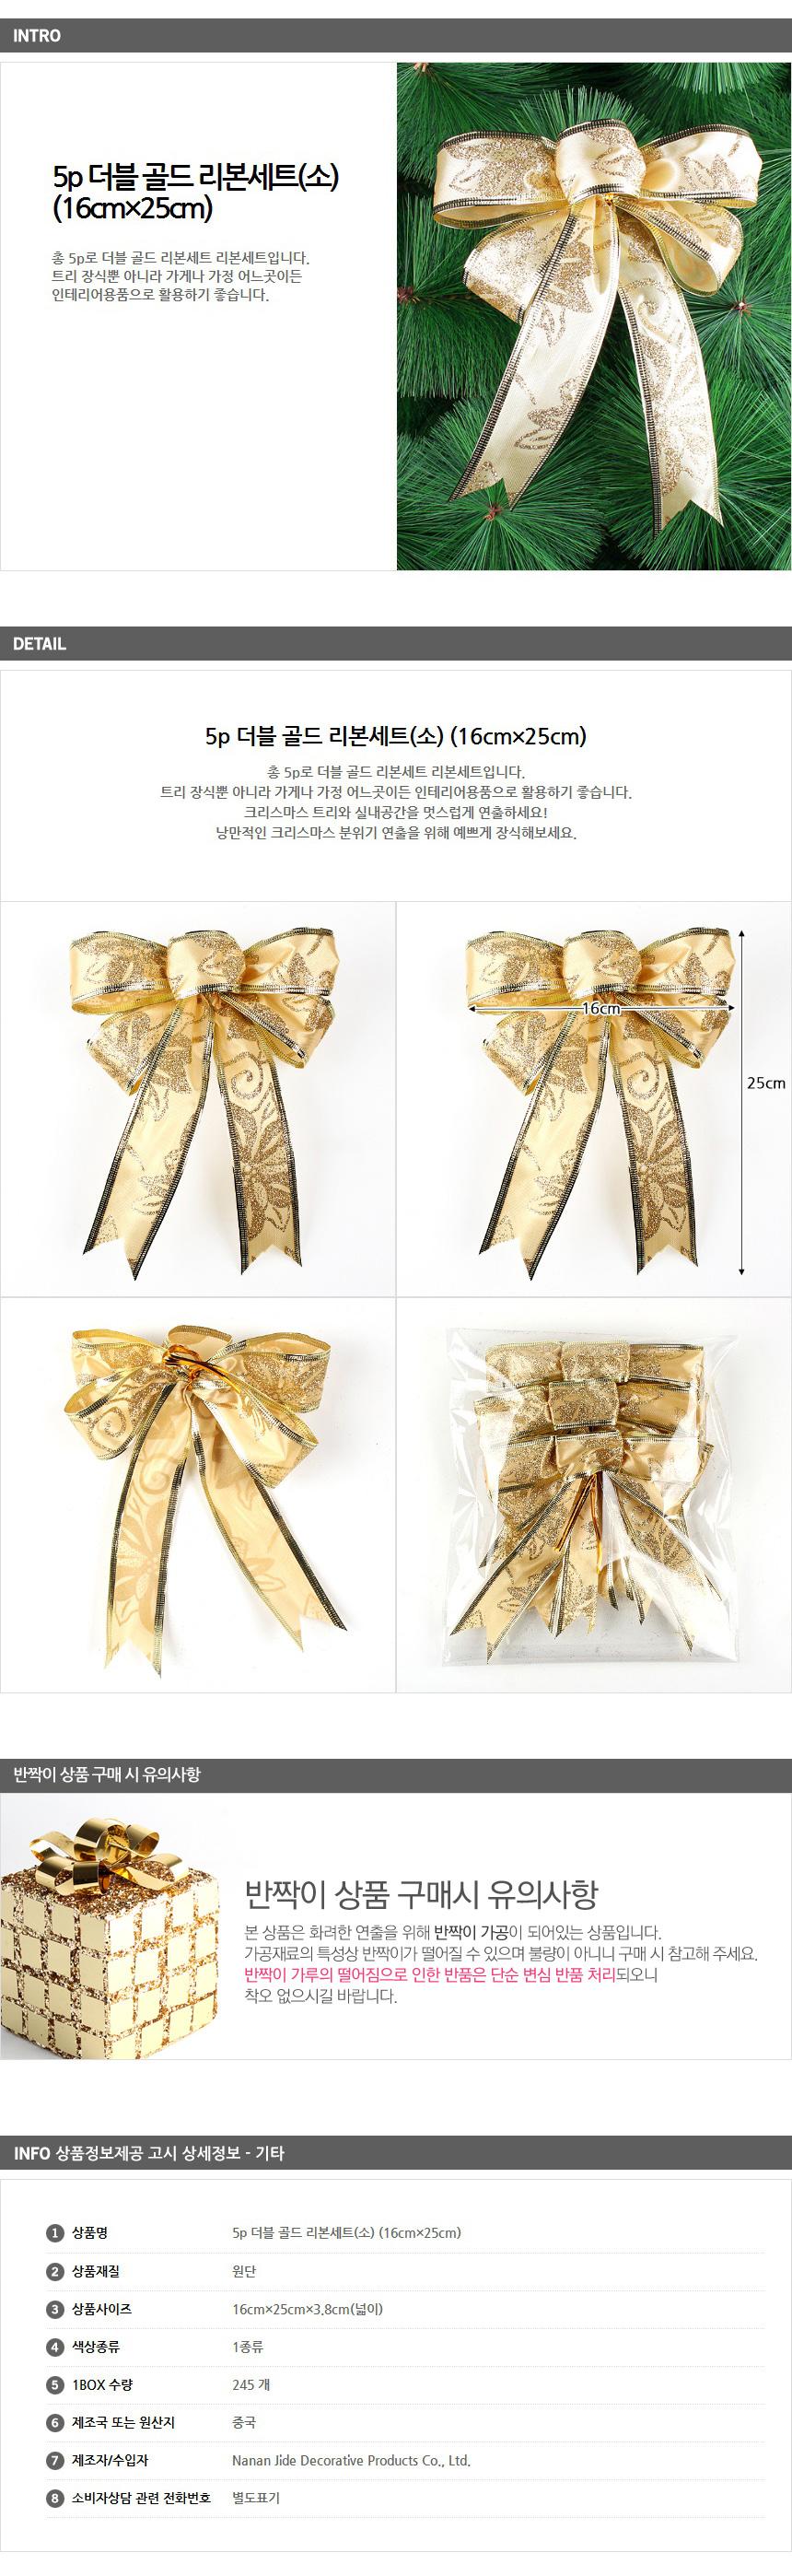 골드리본세트5p(소) 크리스마스 미니장식소품 - 기프트갓, 3,730원, 장식품, 오너먼트